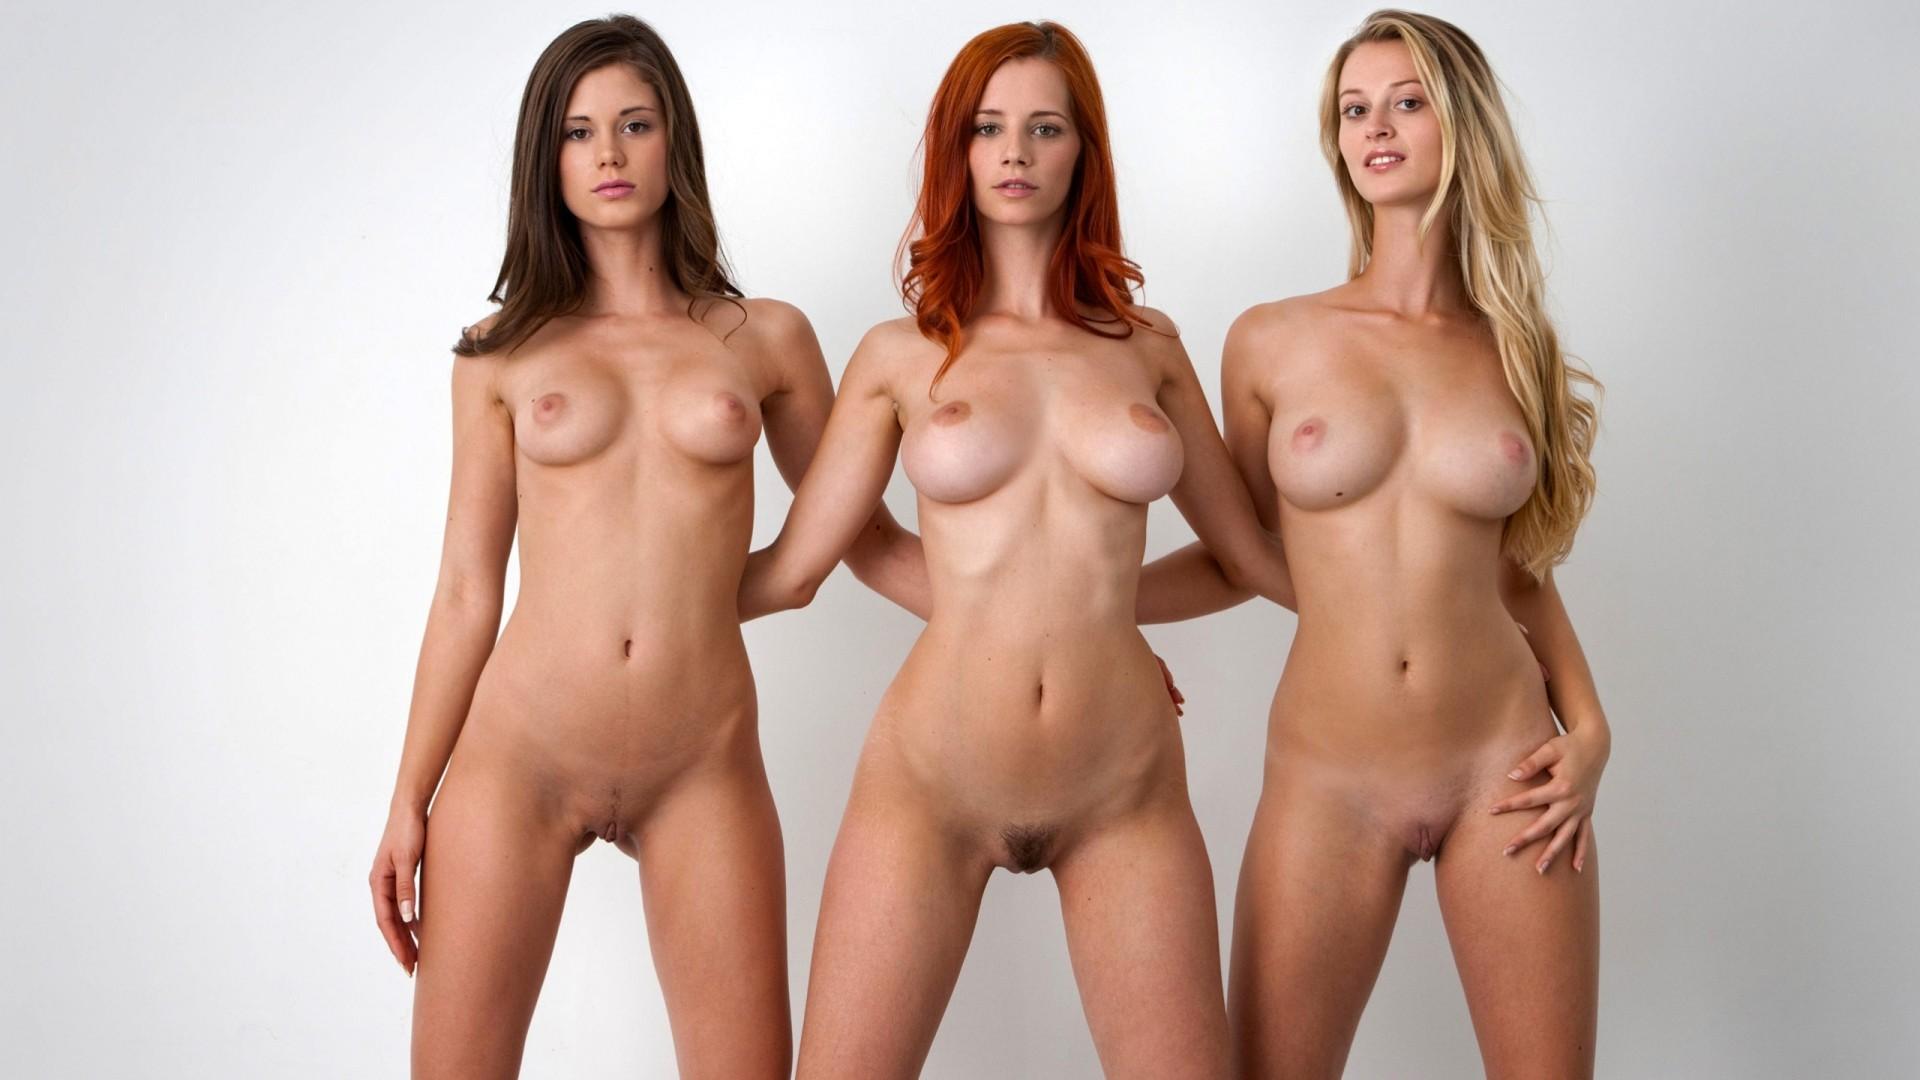 Голые Девушки В Общественных Местах Фото